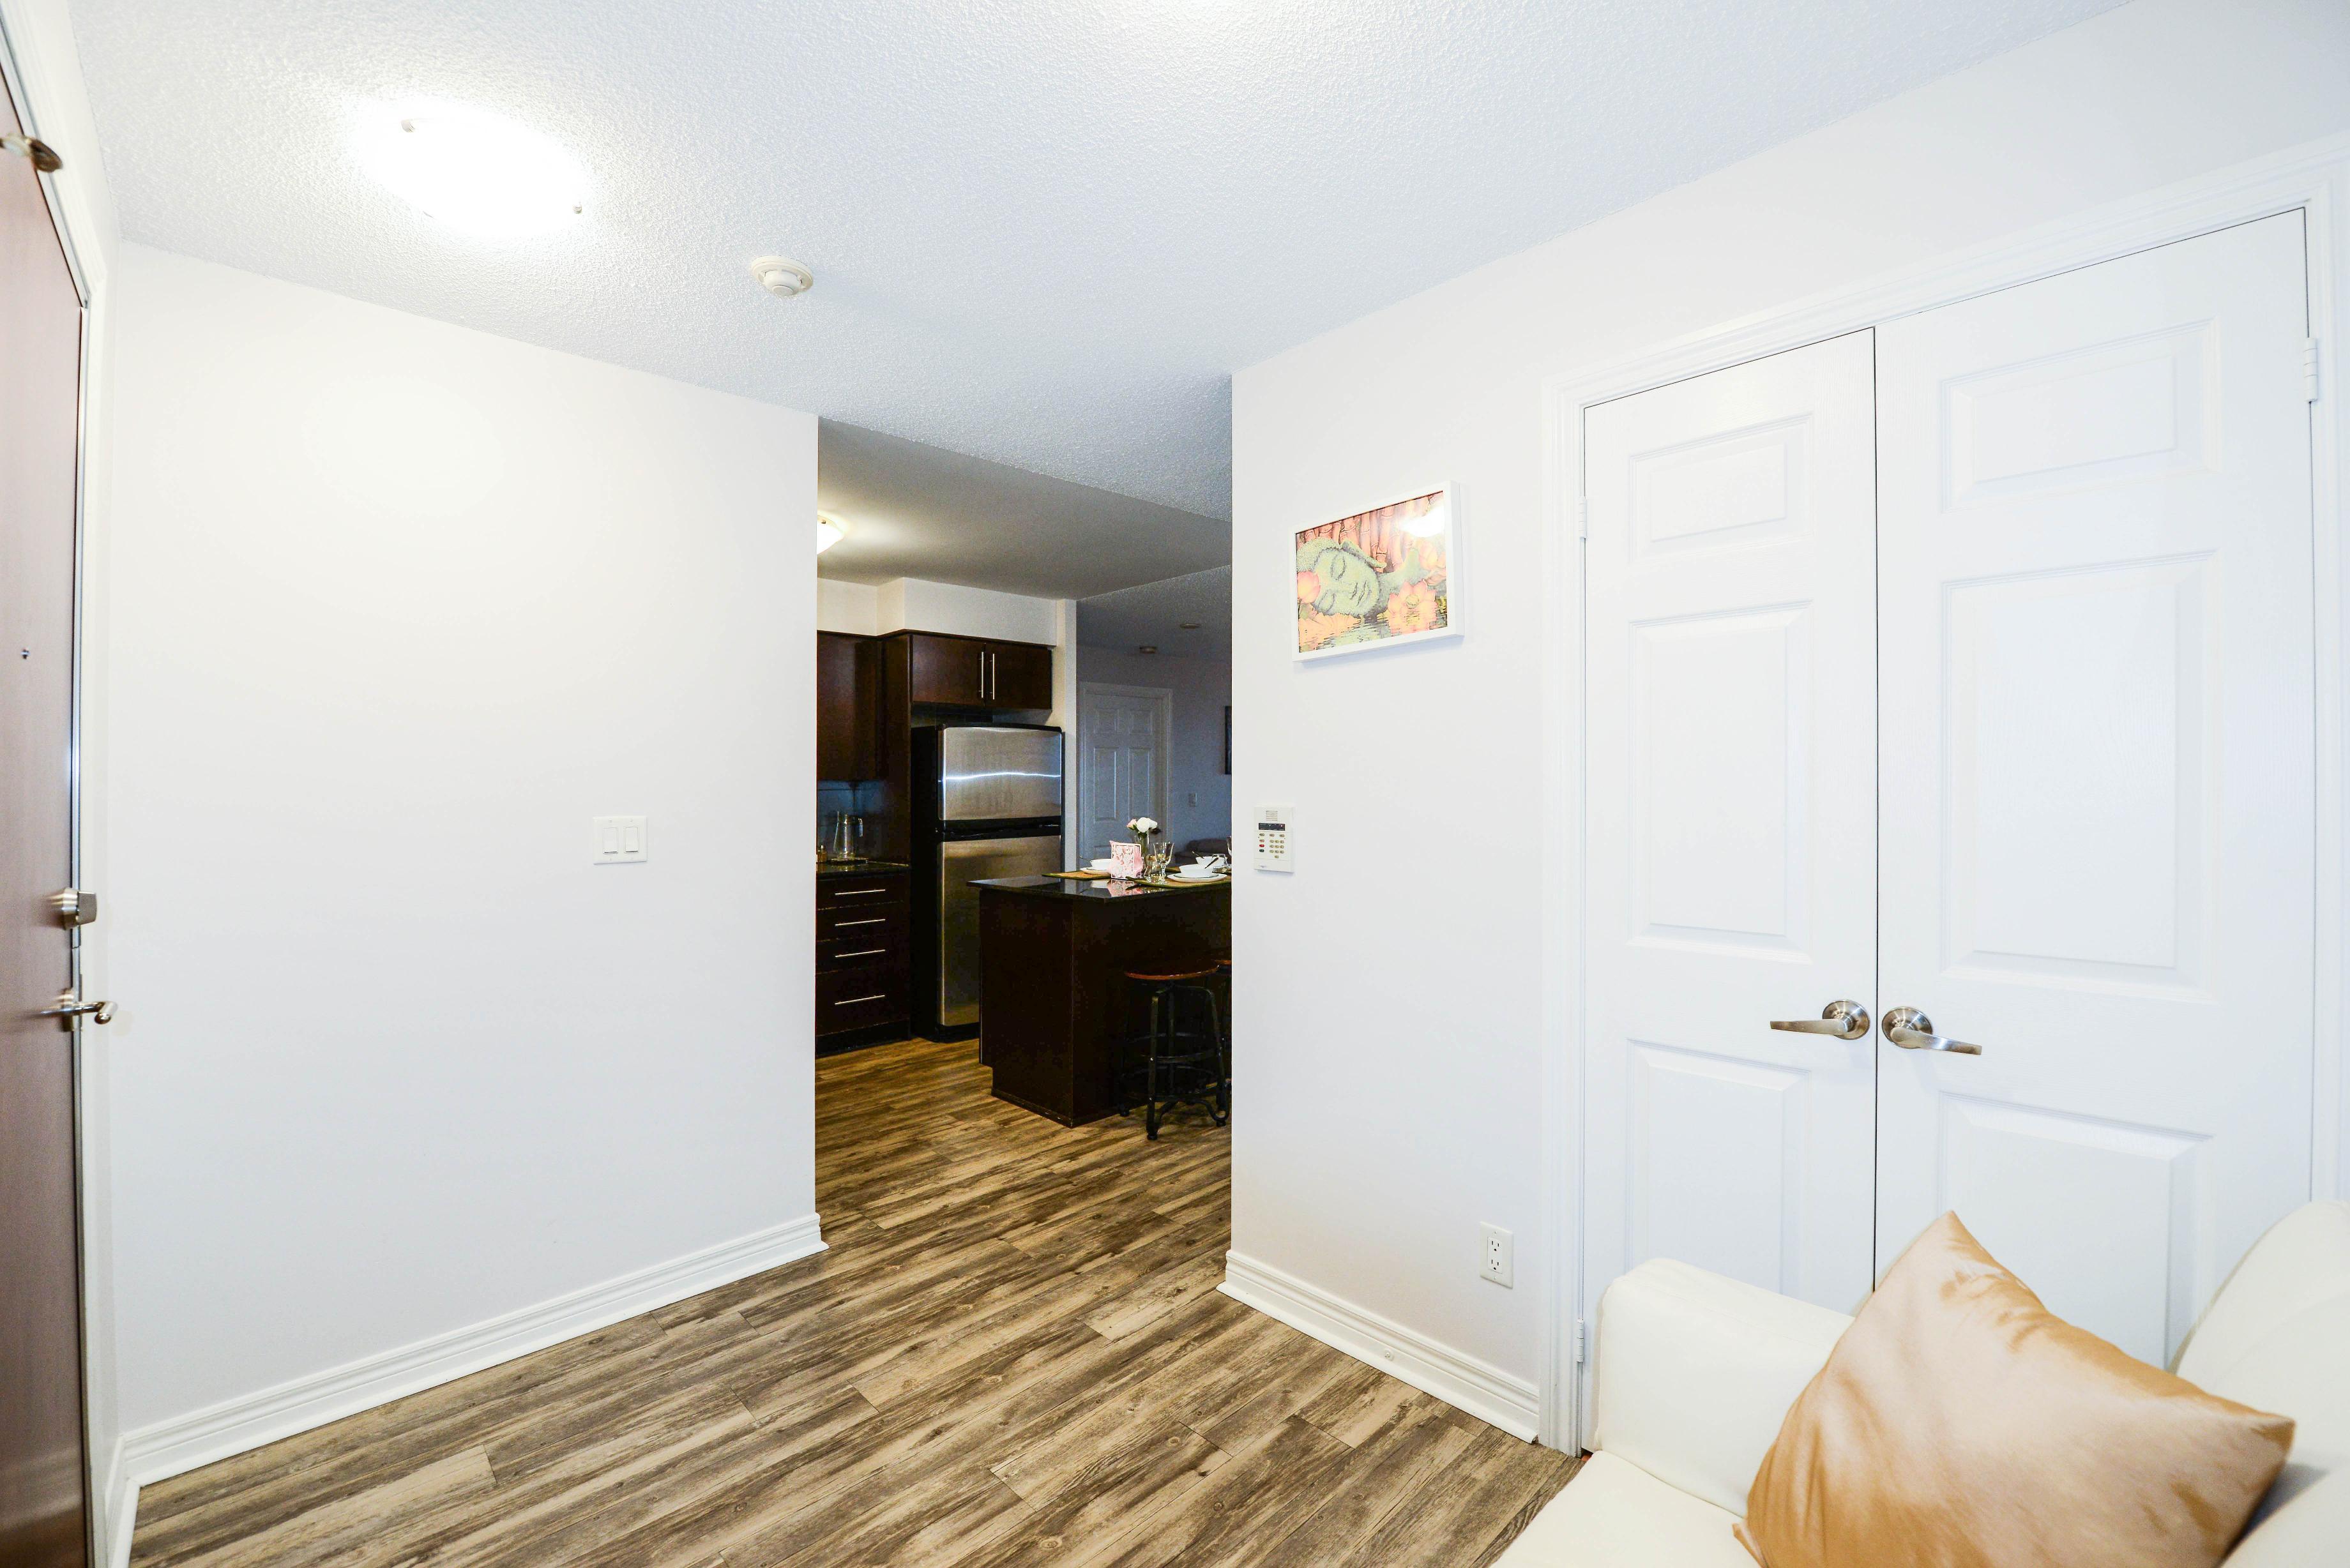 3BR-2BATH Suites #3303007 photo 11681334